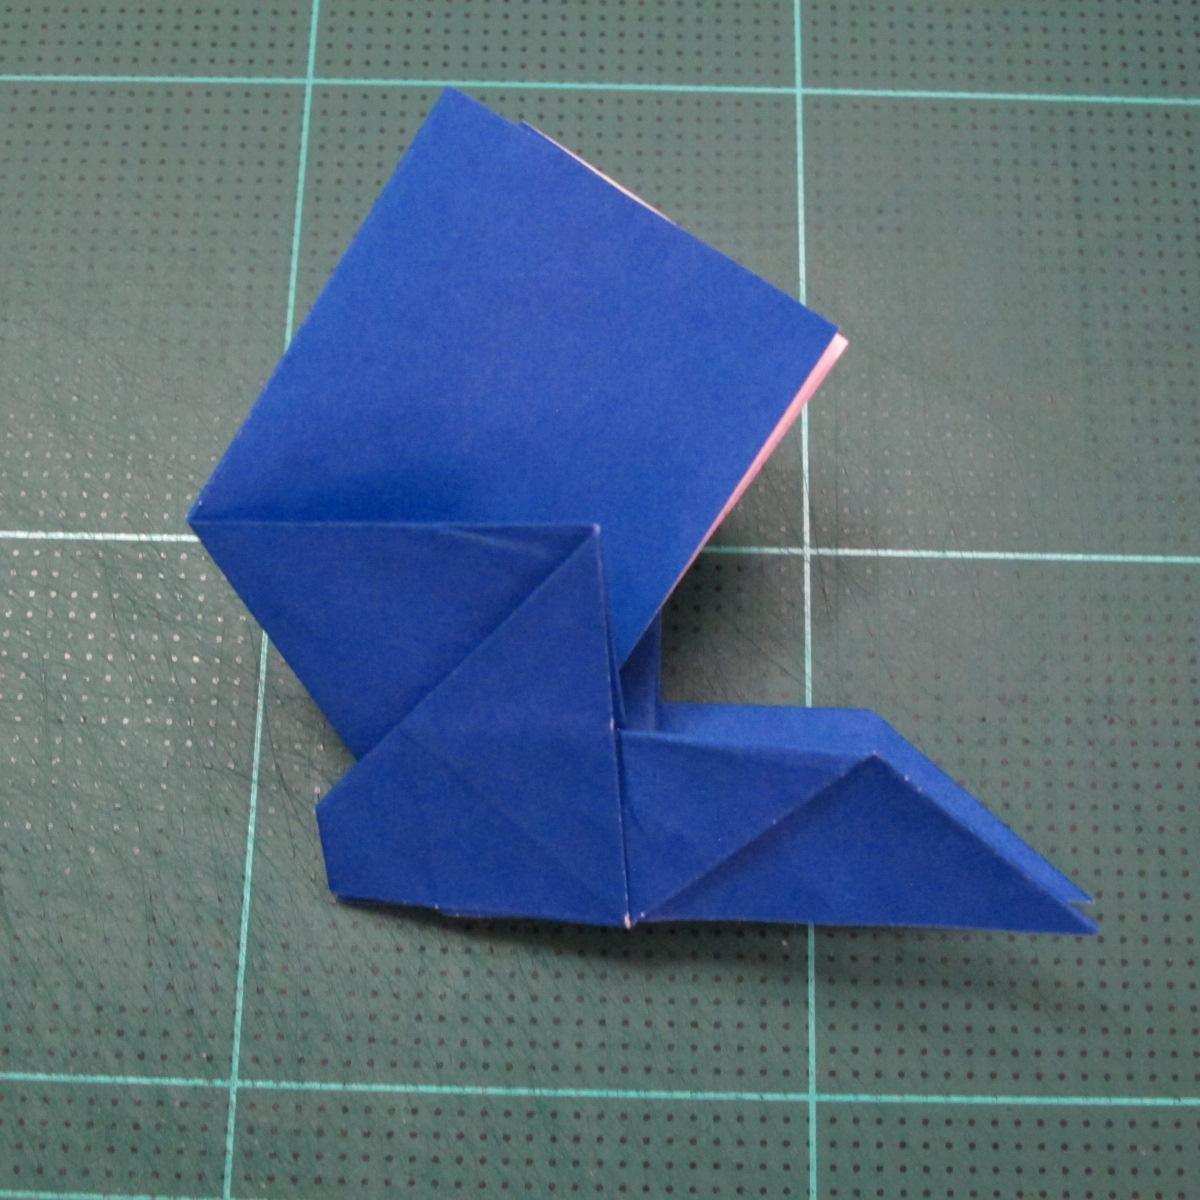 วิธีการพับกระดาษเป็นรูปกระต่าย แบบของเอ็ดวิน คอรี่ (Origami Rabbit)  018